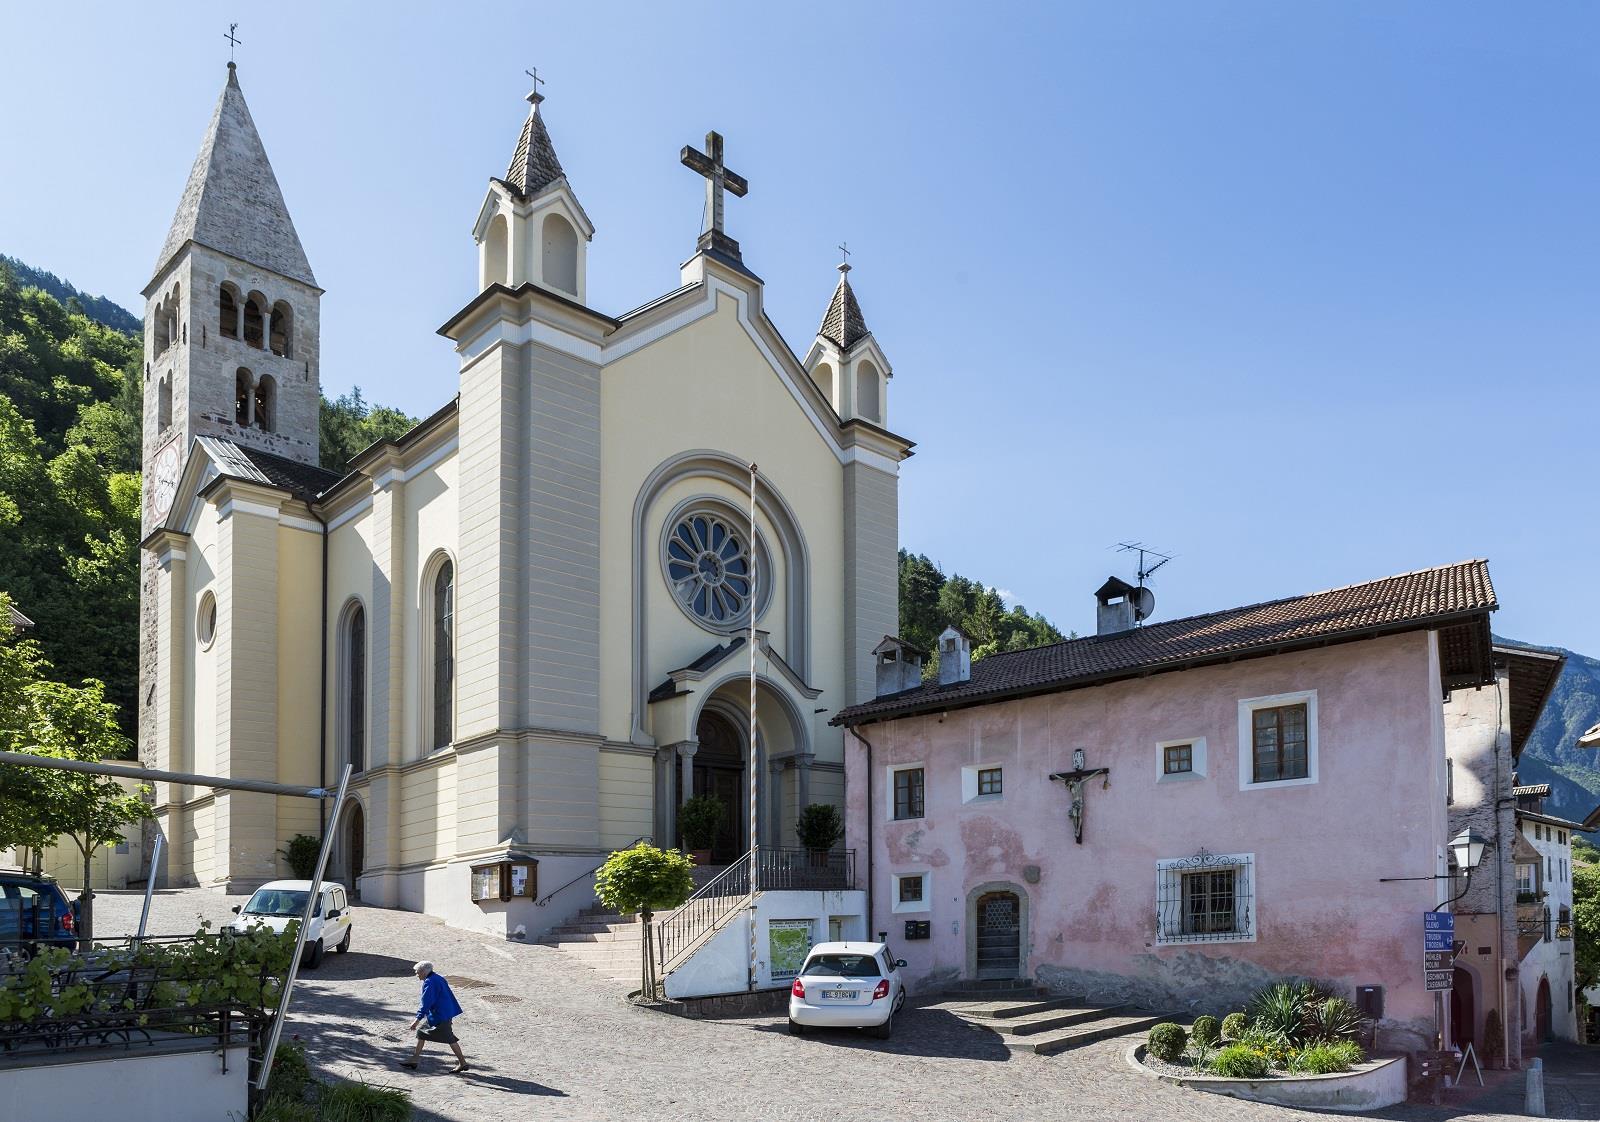 Tourismusverein Castelfeder/Marion Lafogler